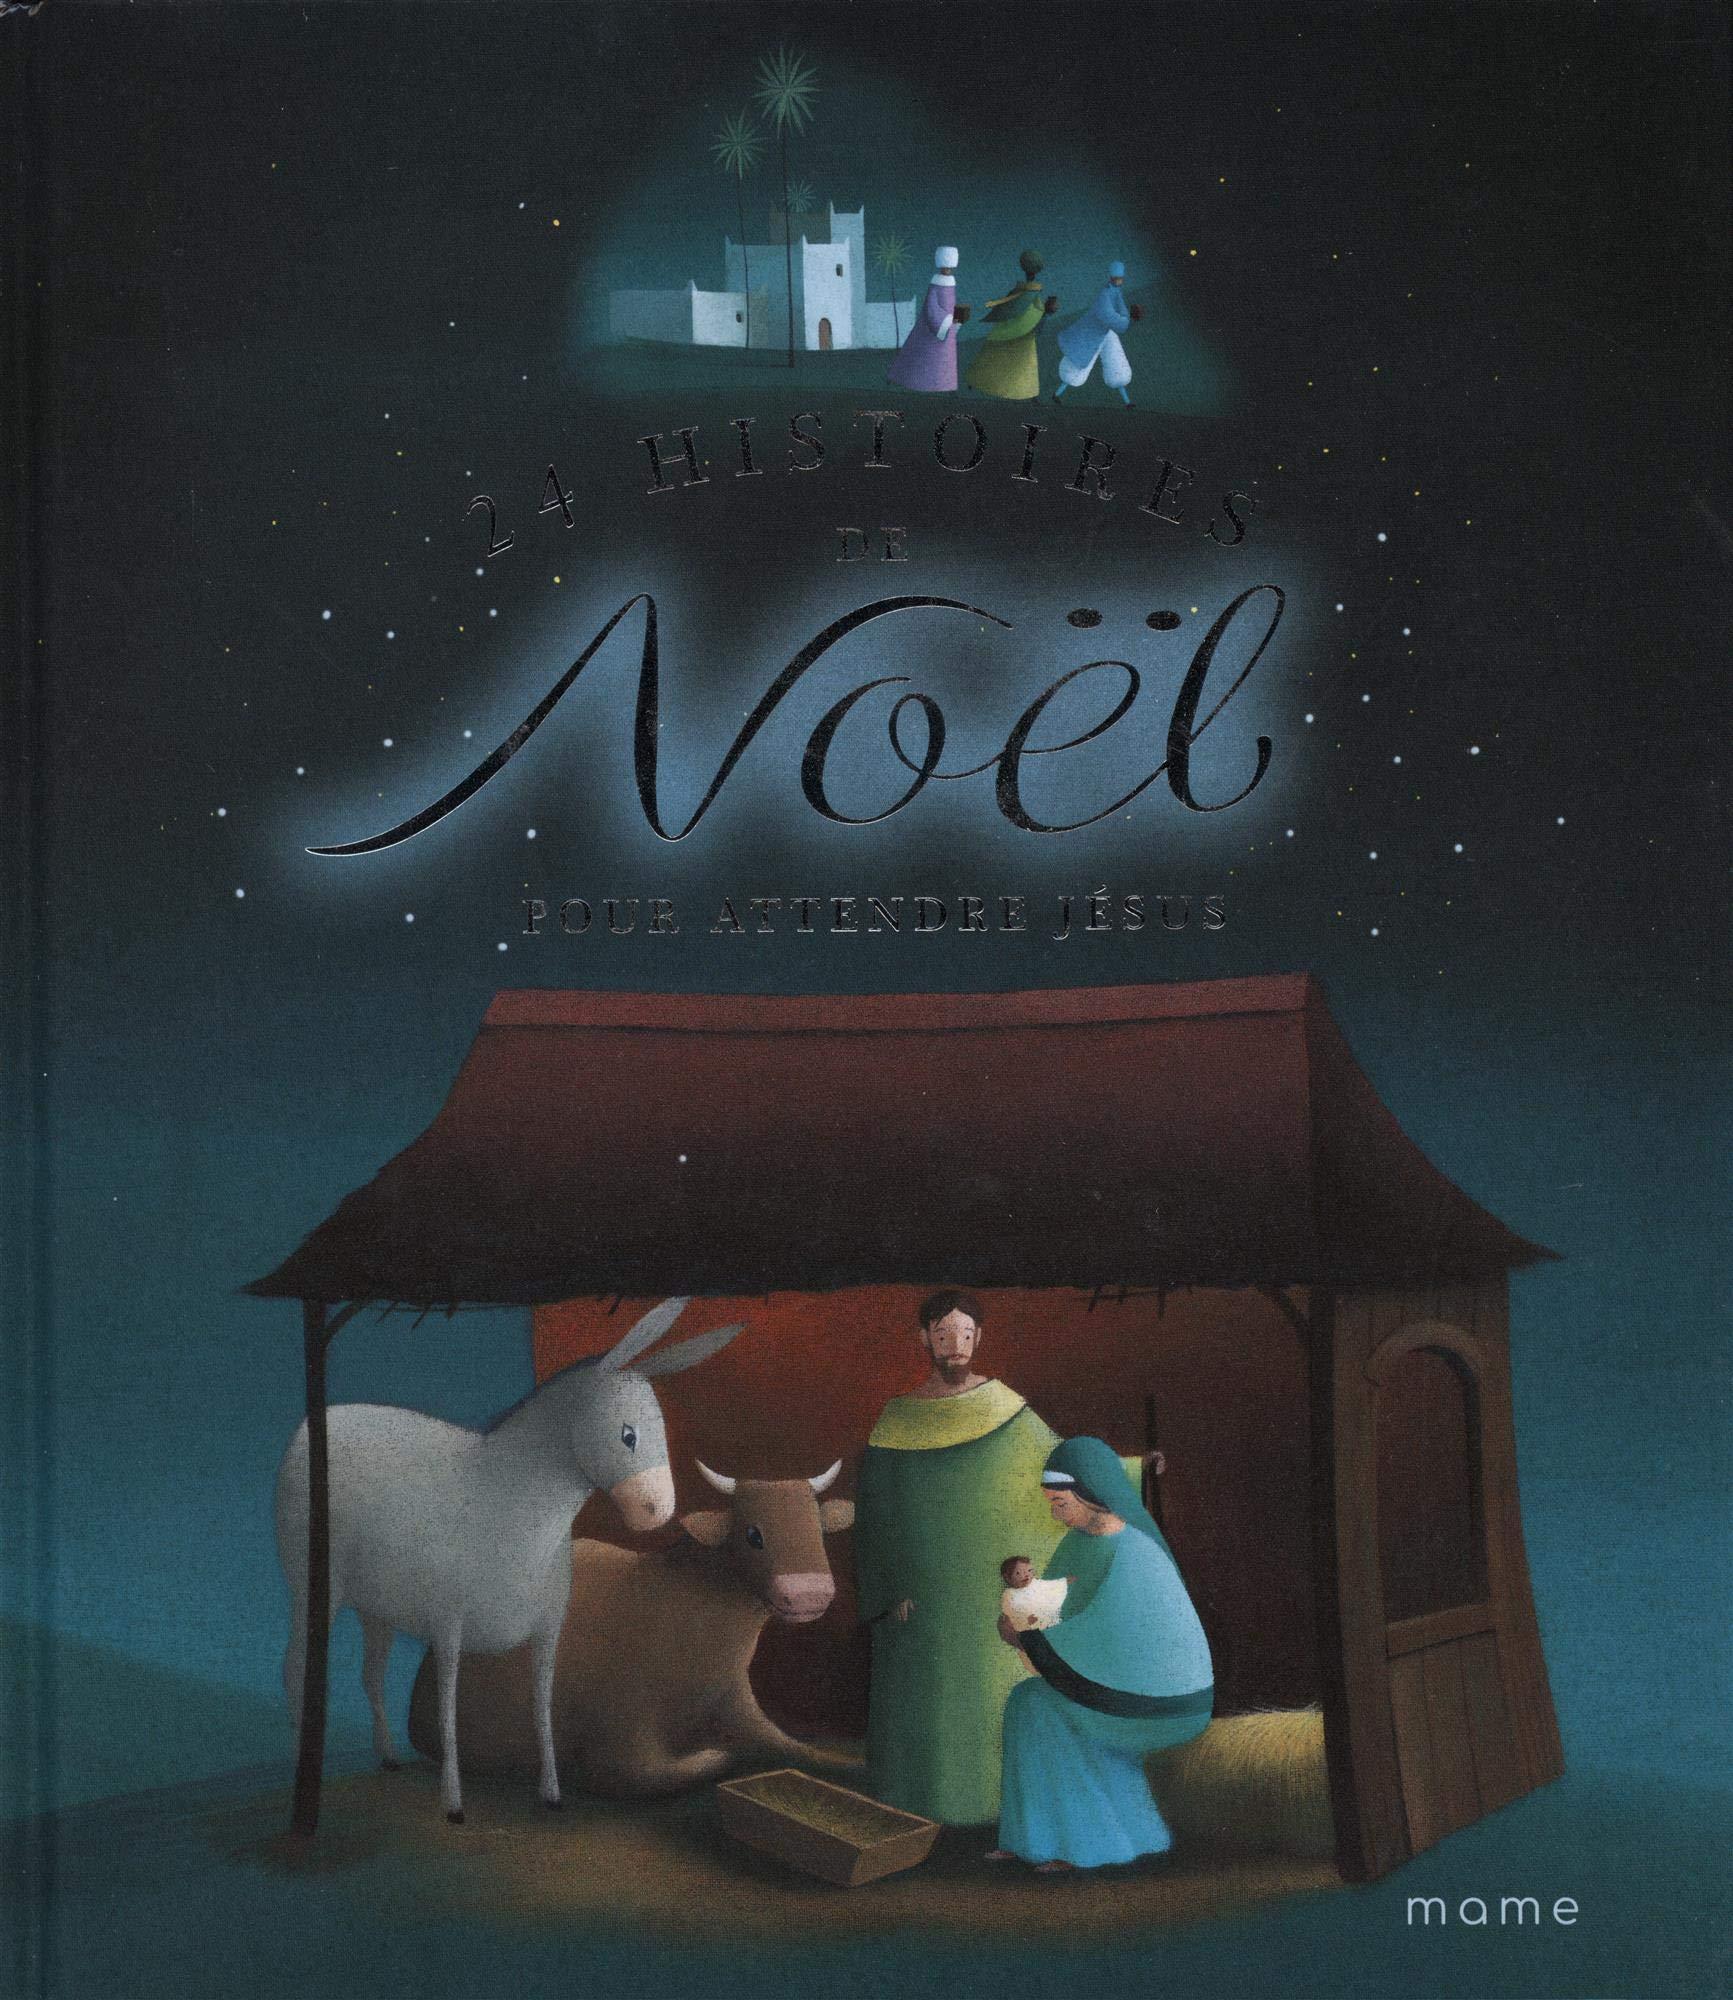 24 histoires de Noël pour attendre Jésus Album – 5 octobre 2018 Mame 2728925925 Eveil de la foi Religion jeunesse